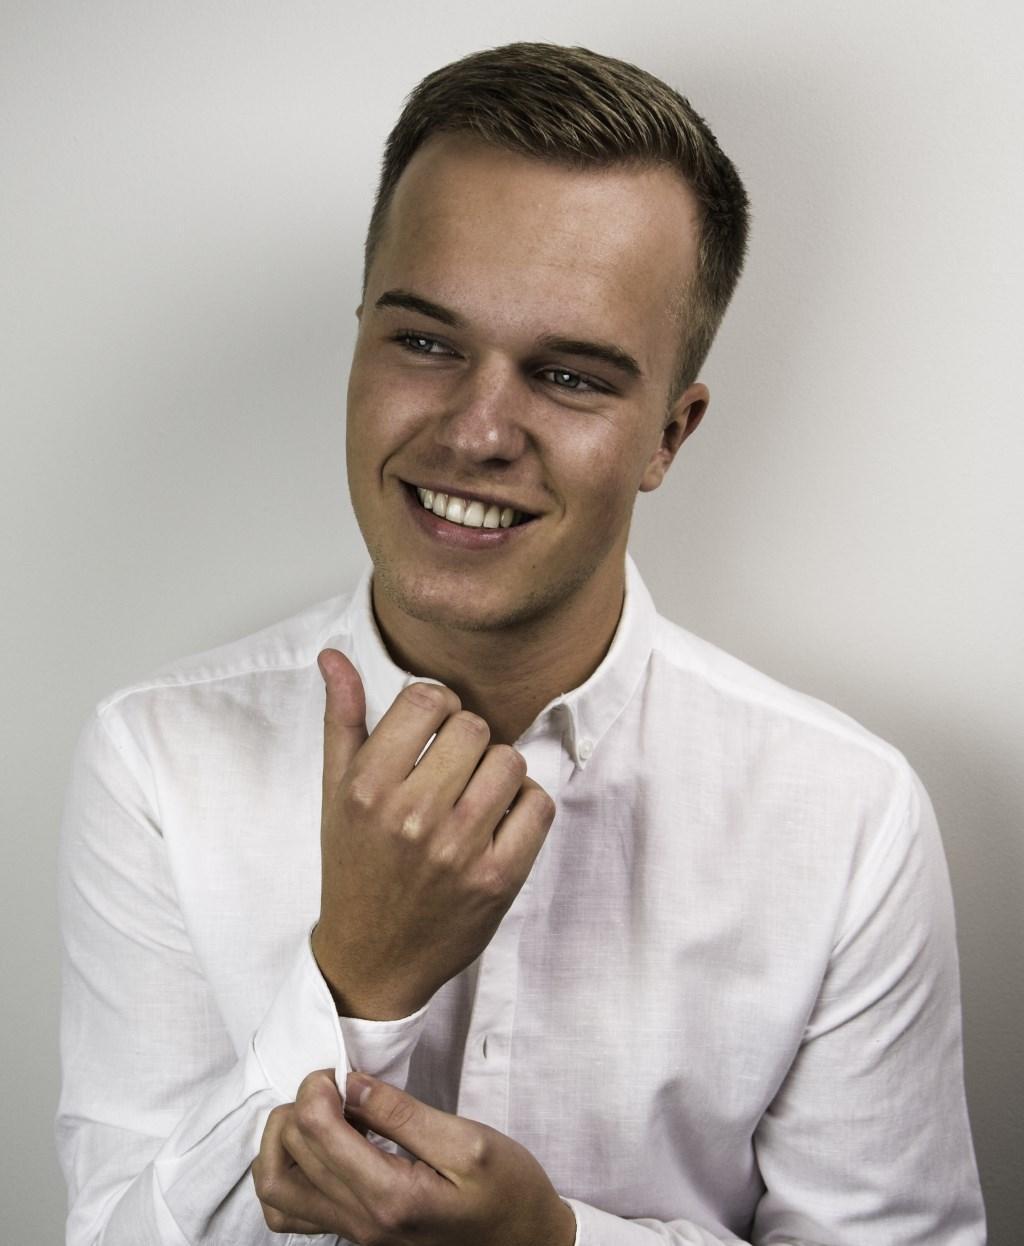 Dave ten Velden uit Zuid-Holland,Nederland